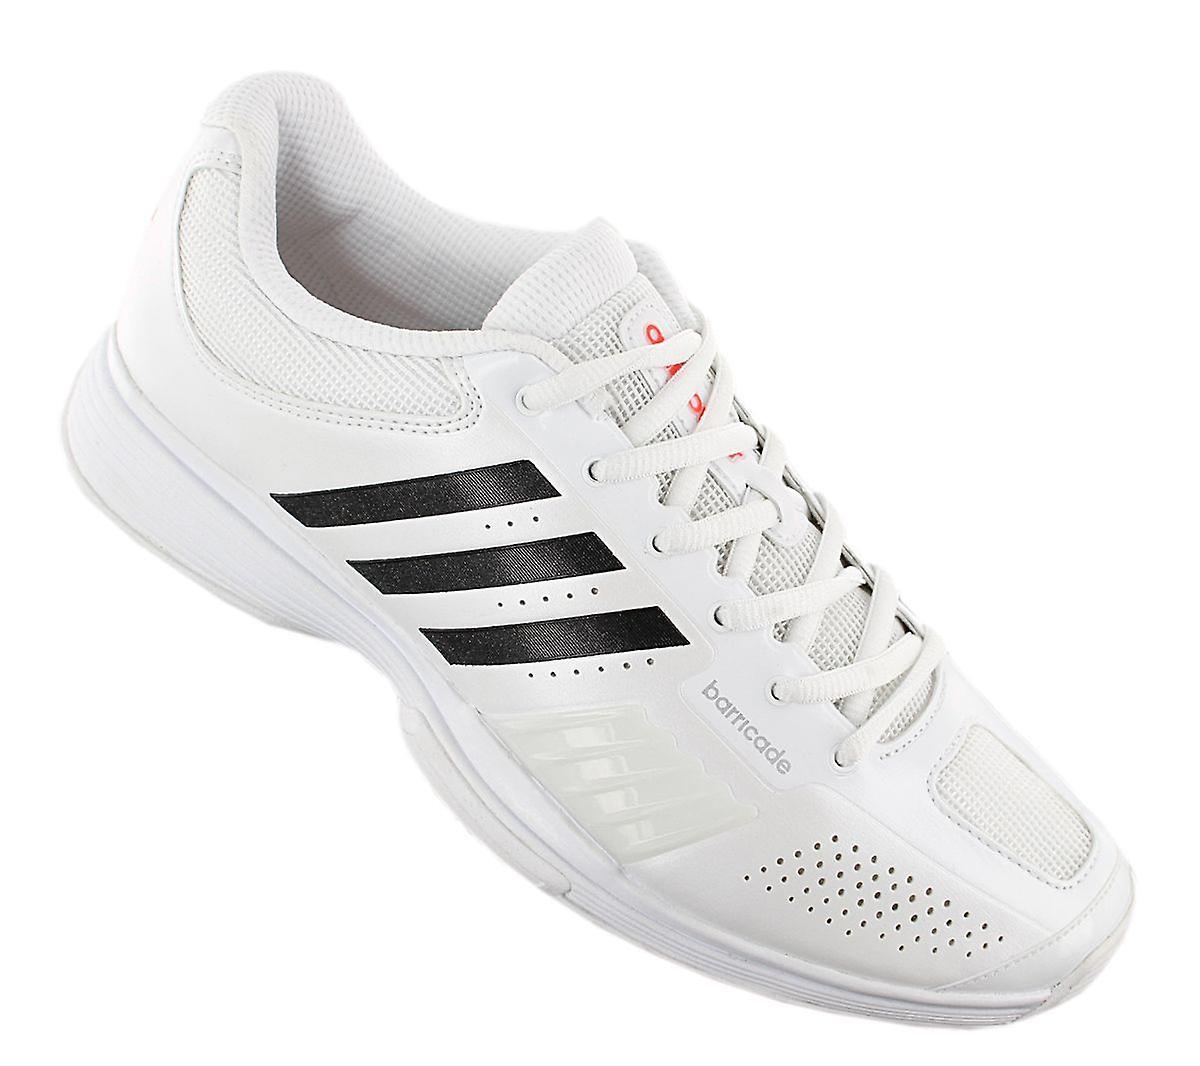 adidas adiPower Barricade W Grass - Damen Tennisschuhe Weiß V20810 Sneakers Sportschuhe